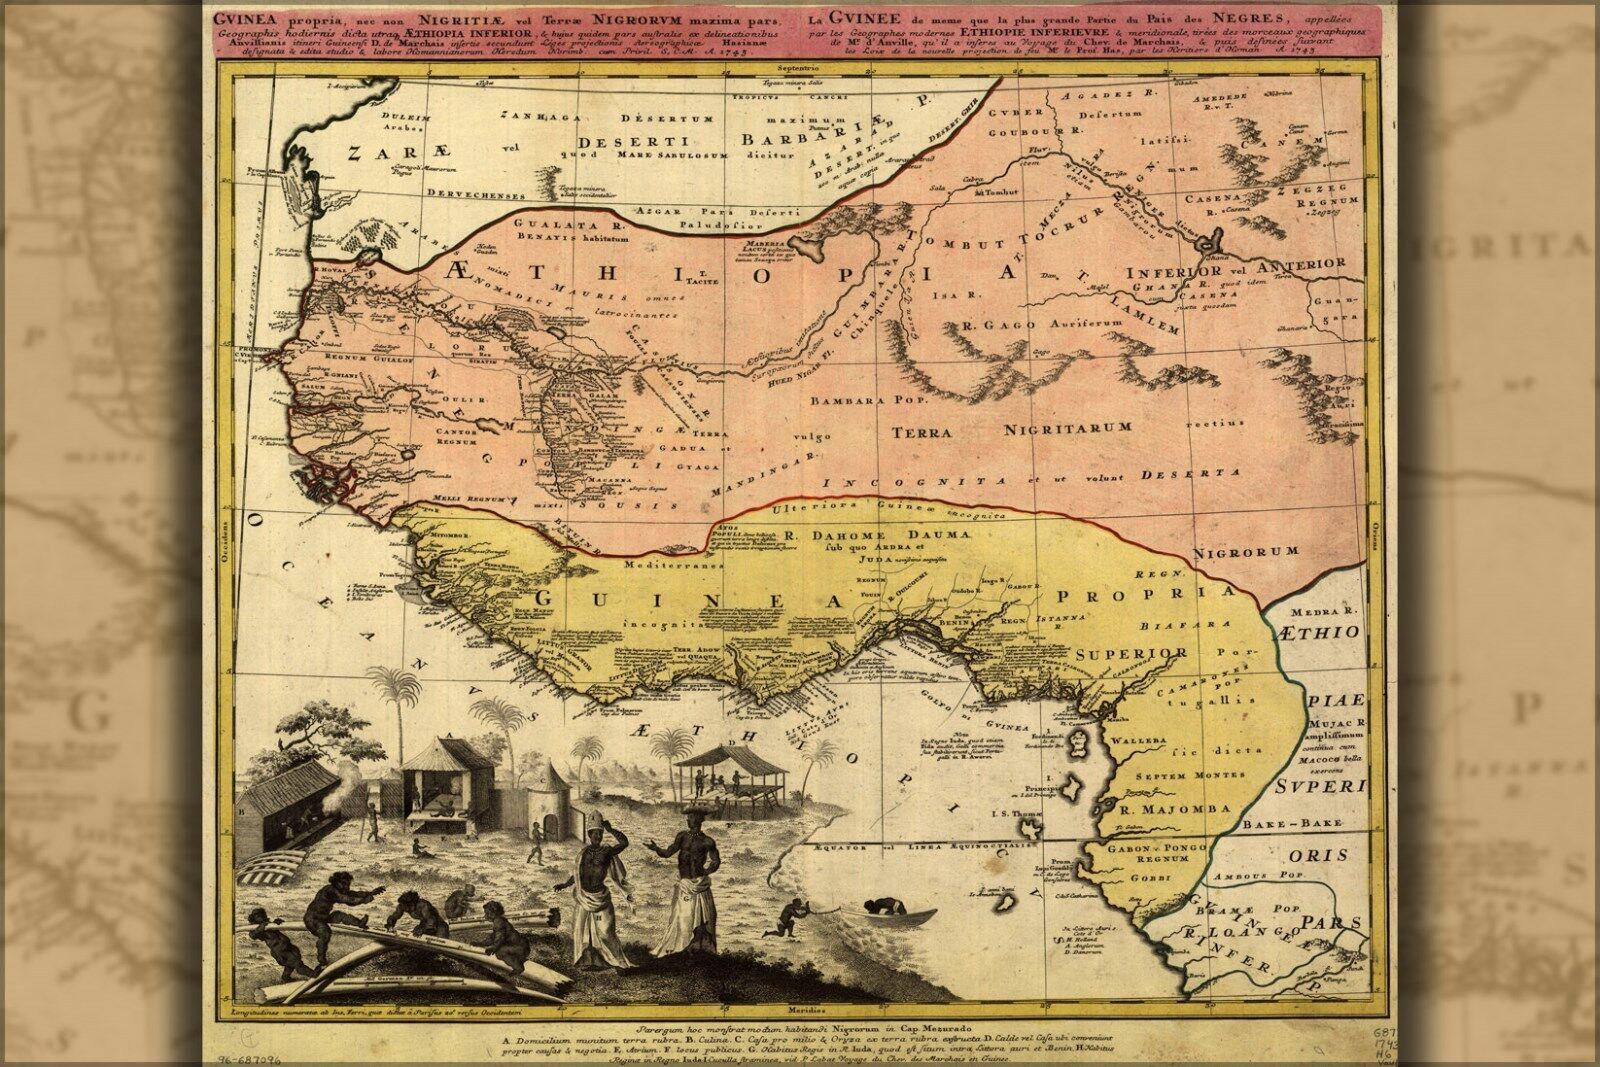 Affiche, Plusieurs Dimensiones; Carte de Antilles Afrique